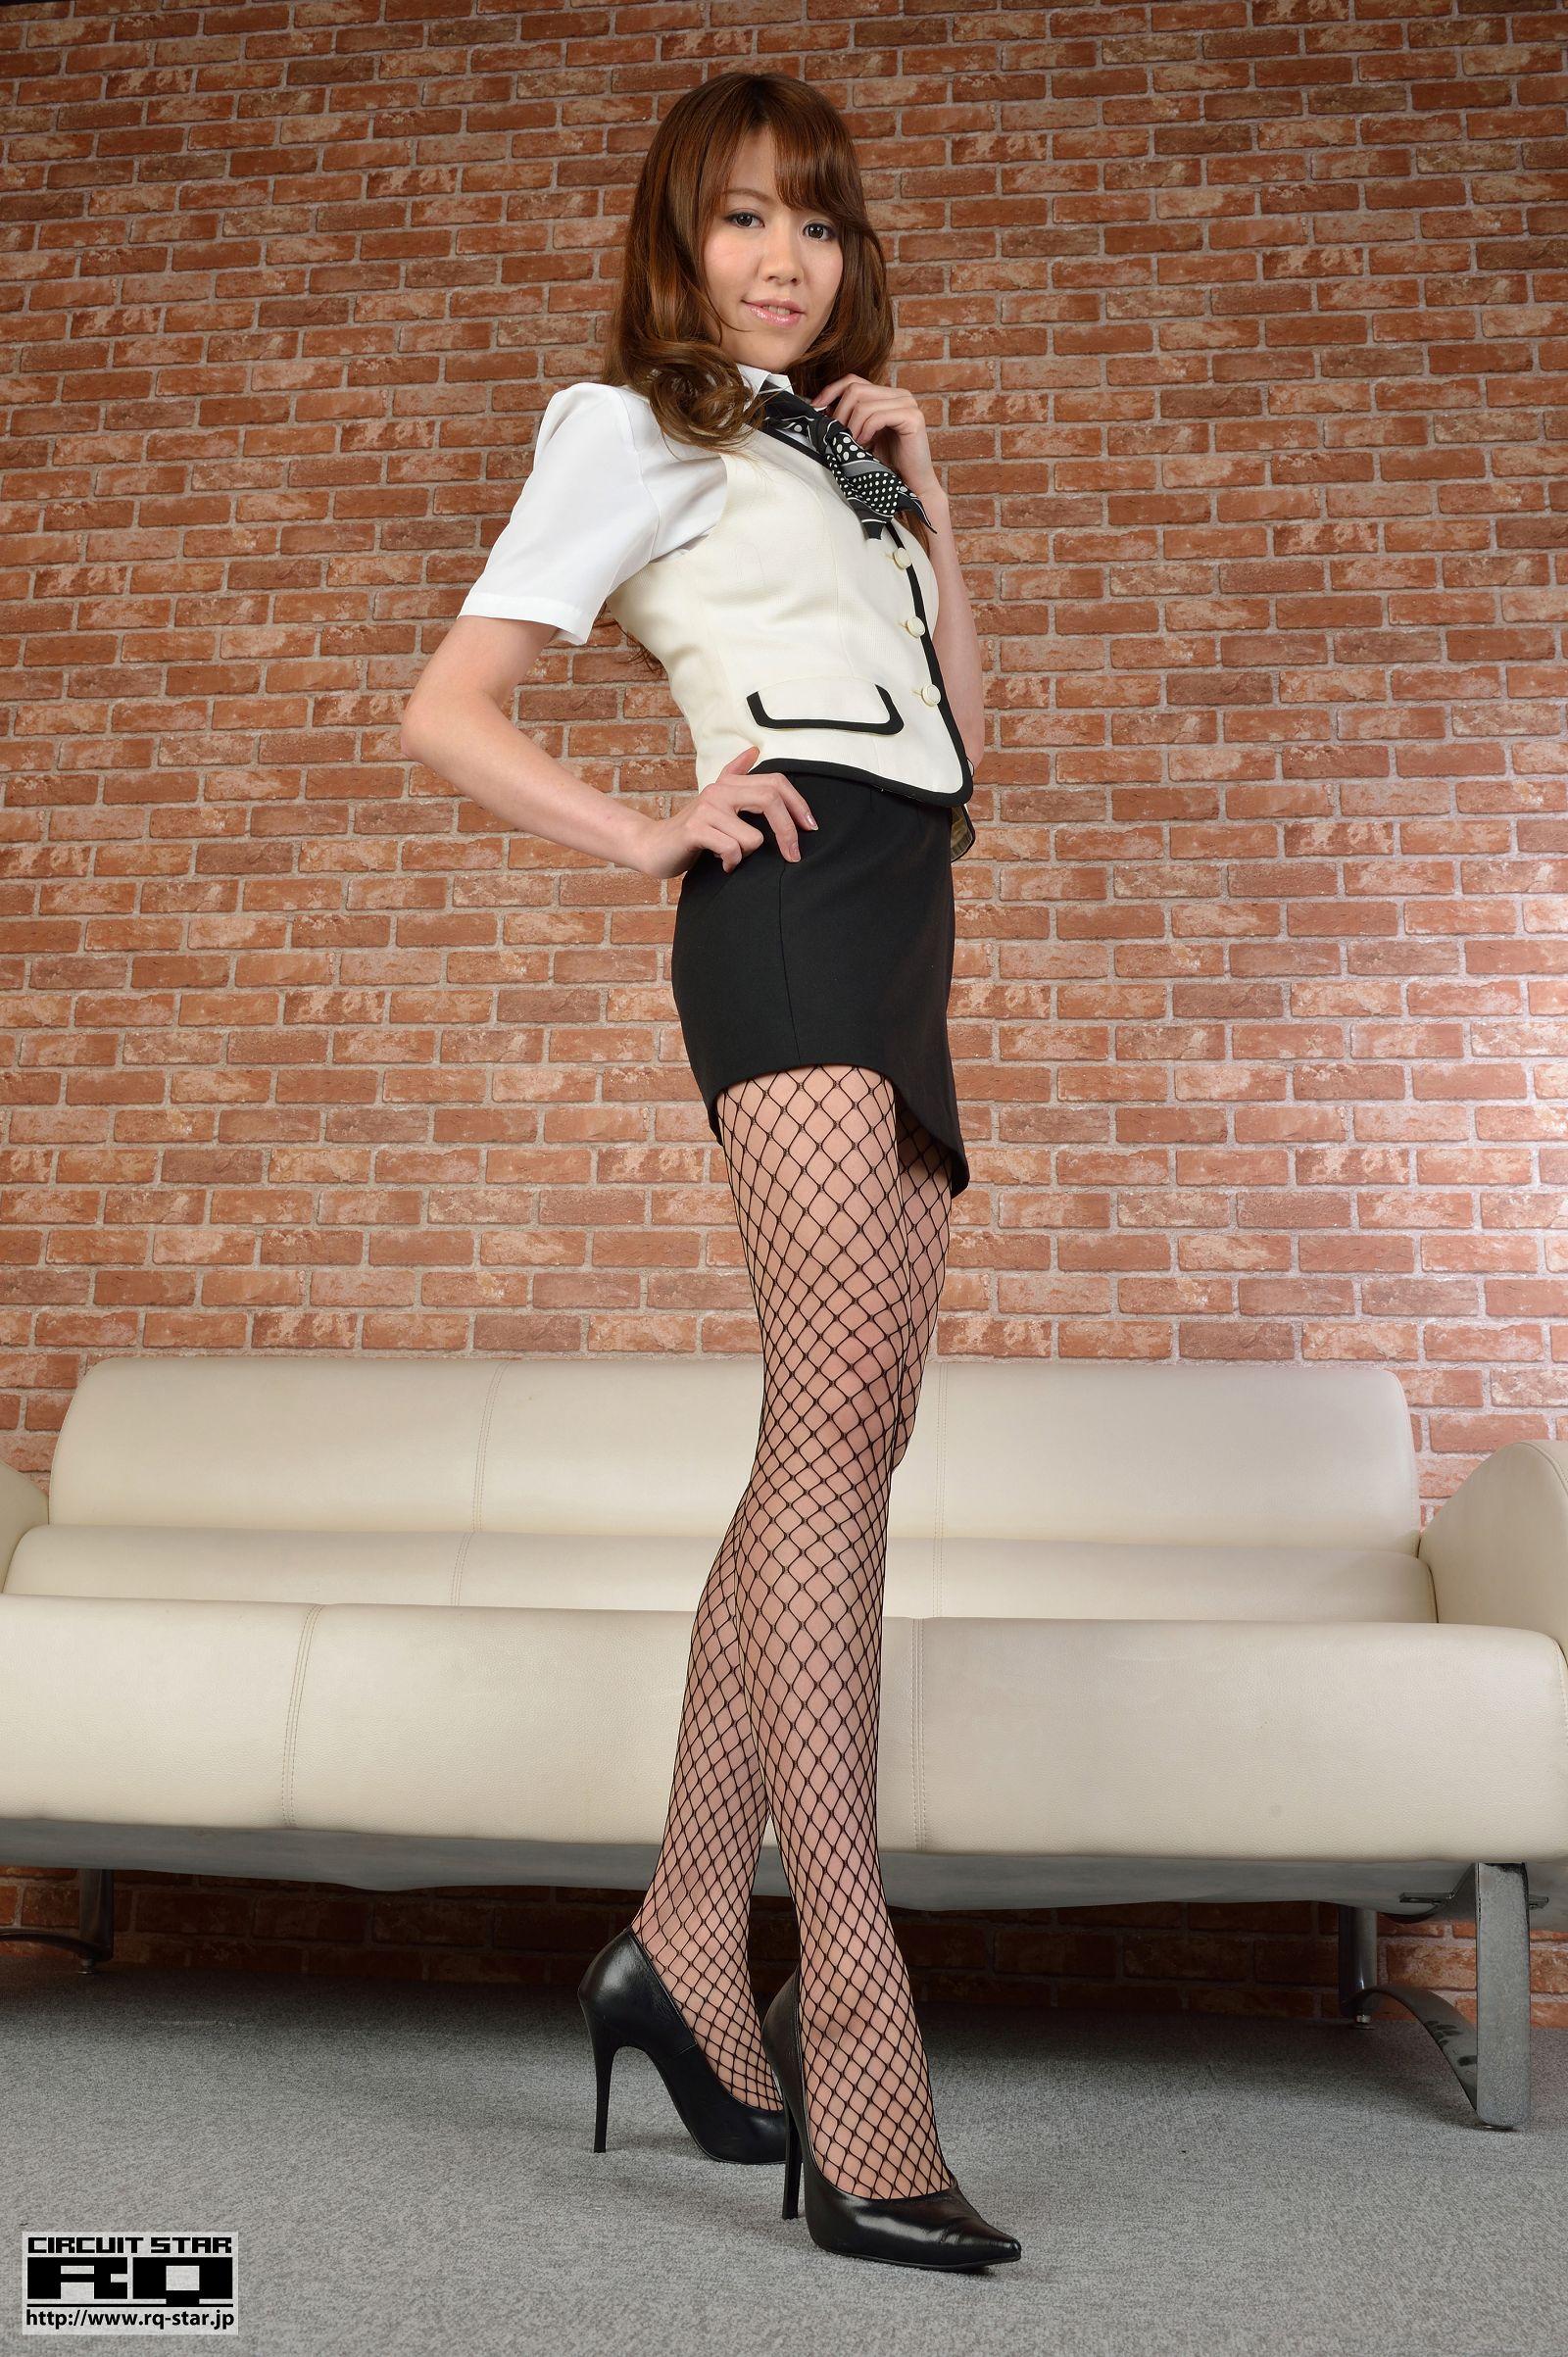 [RQ STAR美女] NO.00670 Mami Aizawa 相沢真美 Office Lady[67P] RQ STAR 第3张